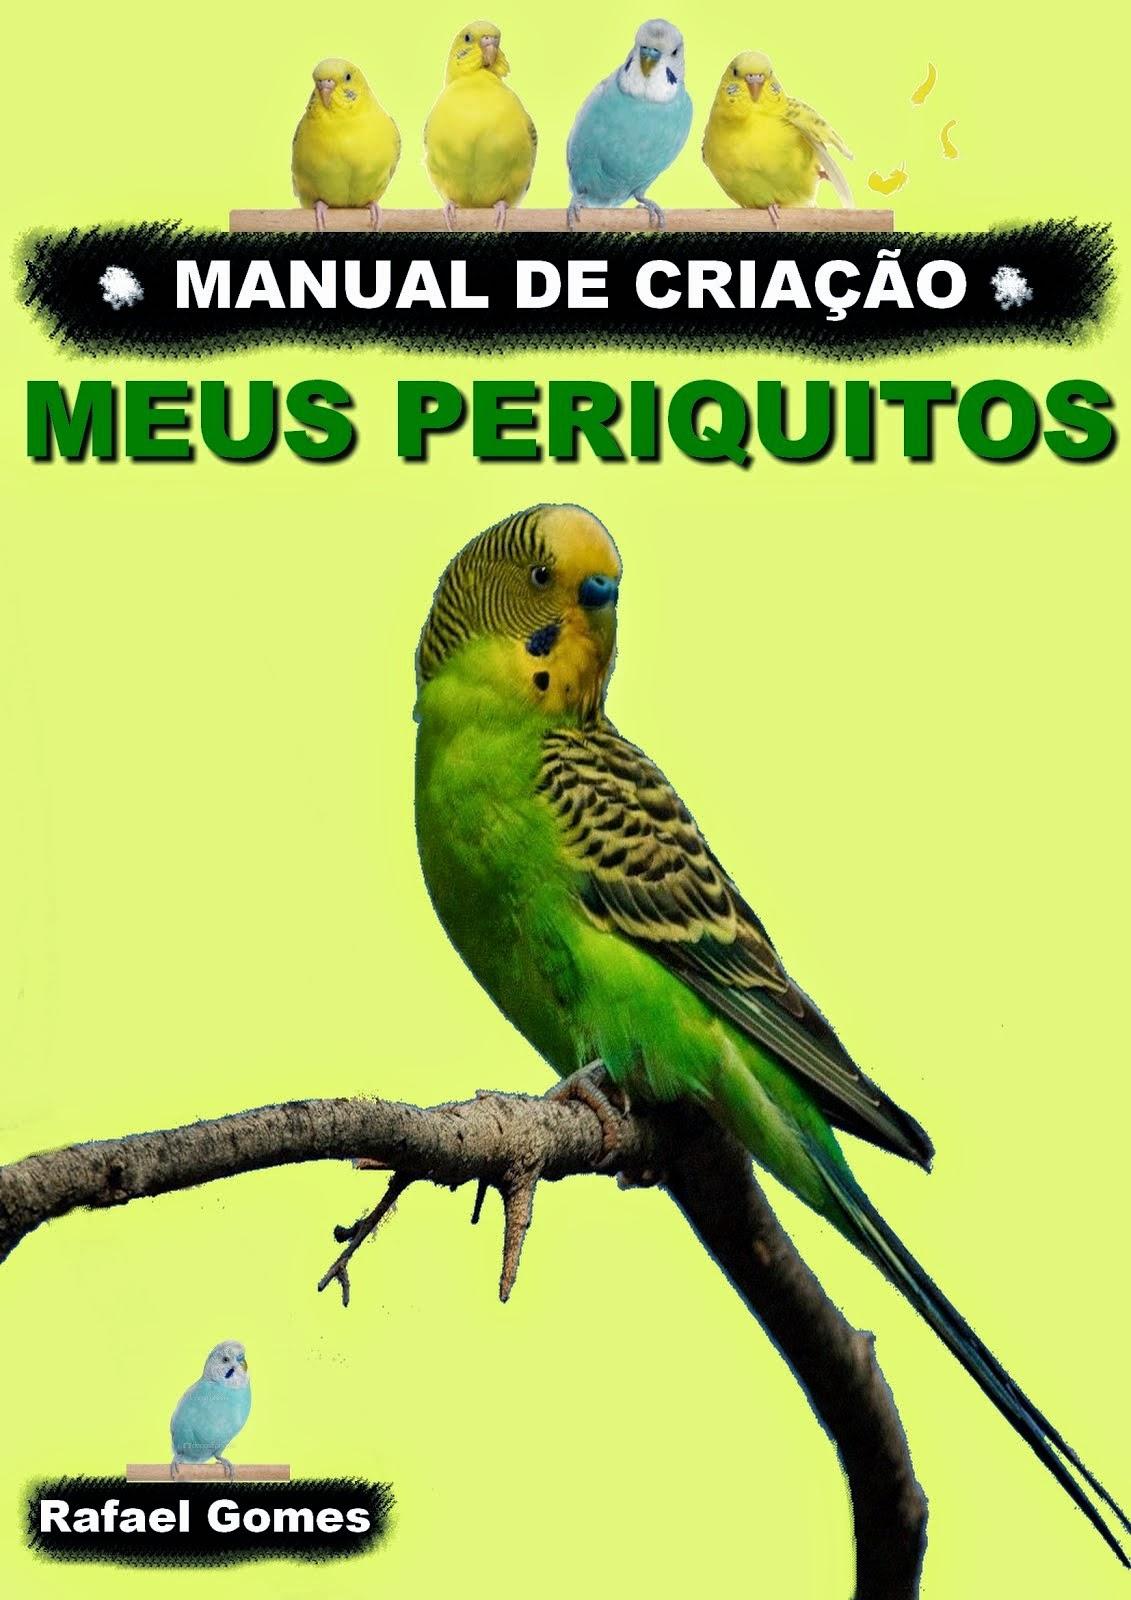 Ebook: Manual de Criação - Meus Periquitos - Promoção Apenas R$ 6,90